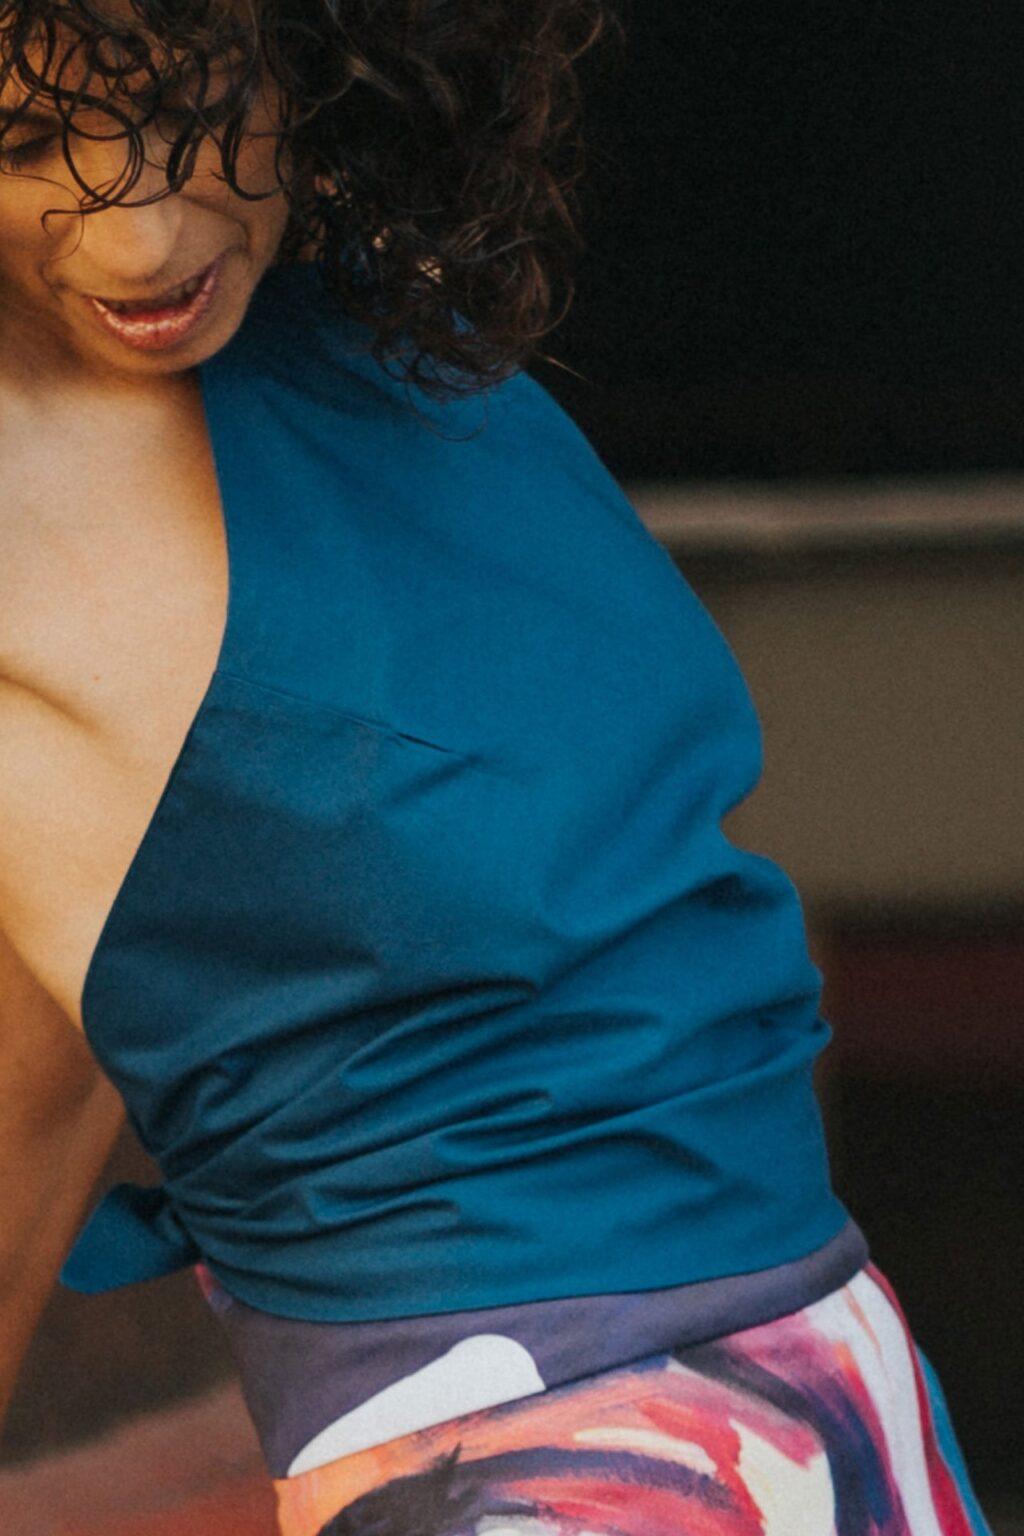 Maldita-Maria-moda-sosteble-cuerpo-triangulo-azul-delante